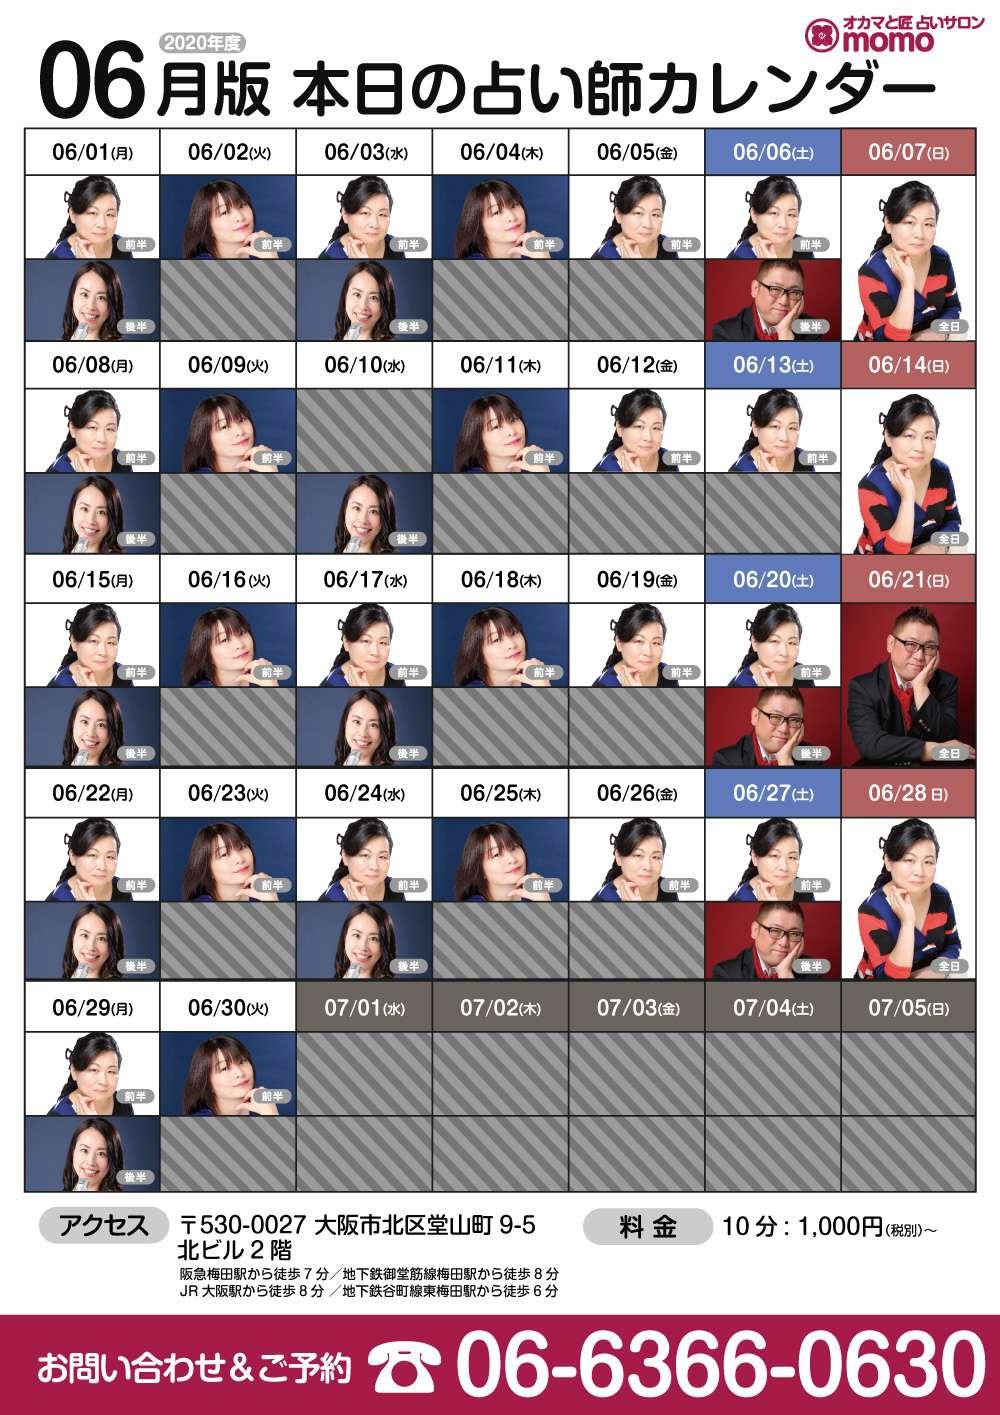 今月の占い師カレンダー 2020年6月版